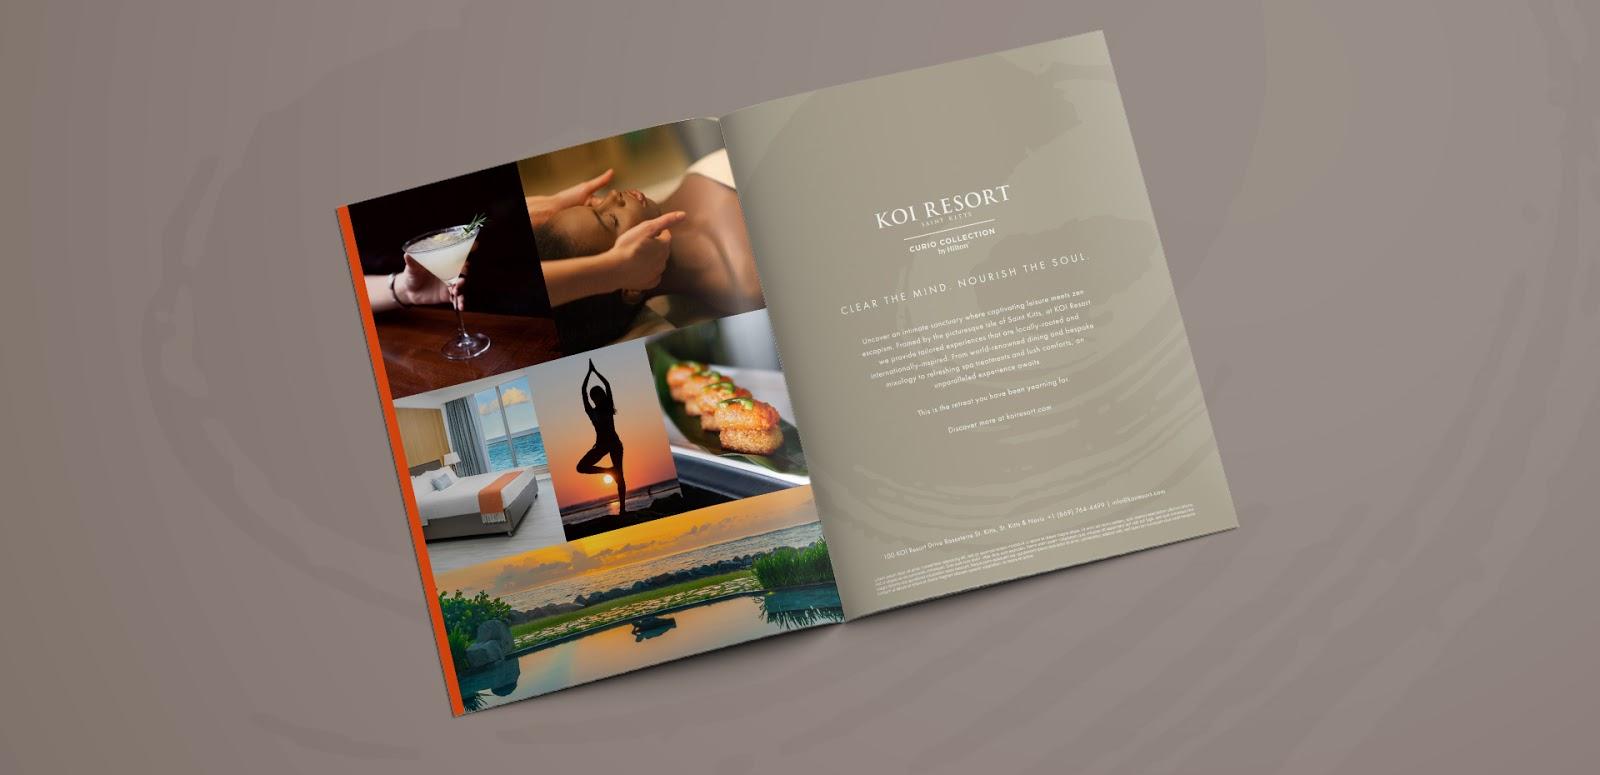 Koi Resort - The Brand Collective 1